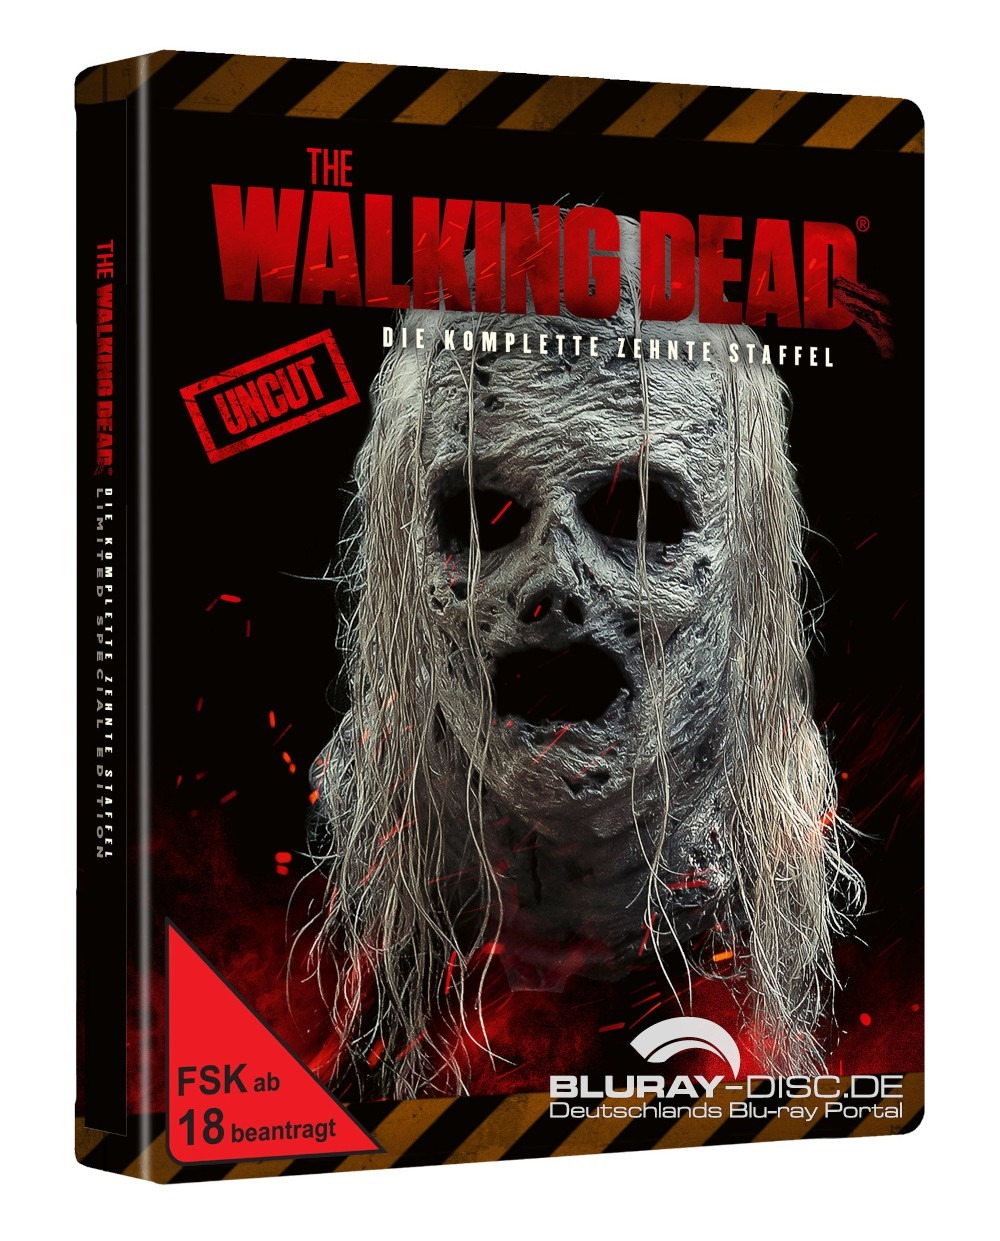 The_Walking_Dead_Staffel_10_Galerie_Steelbook.jpg